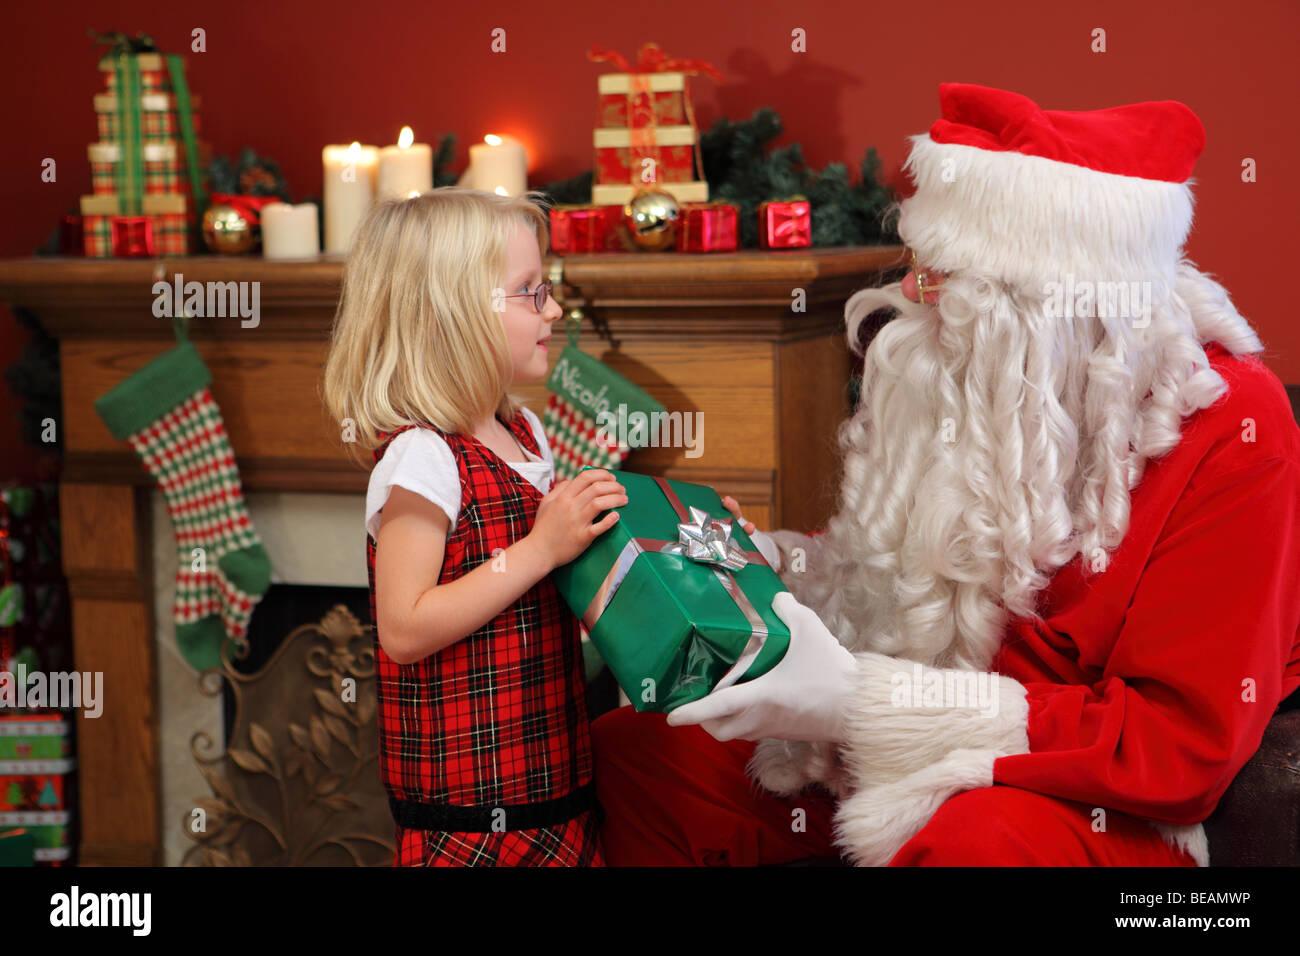 Le Père Noël donne aux jeunes fille cadeau de Noël Photo Stock